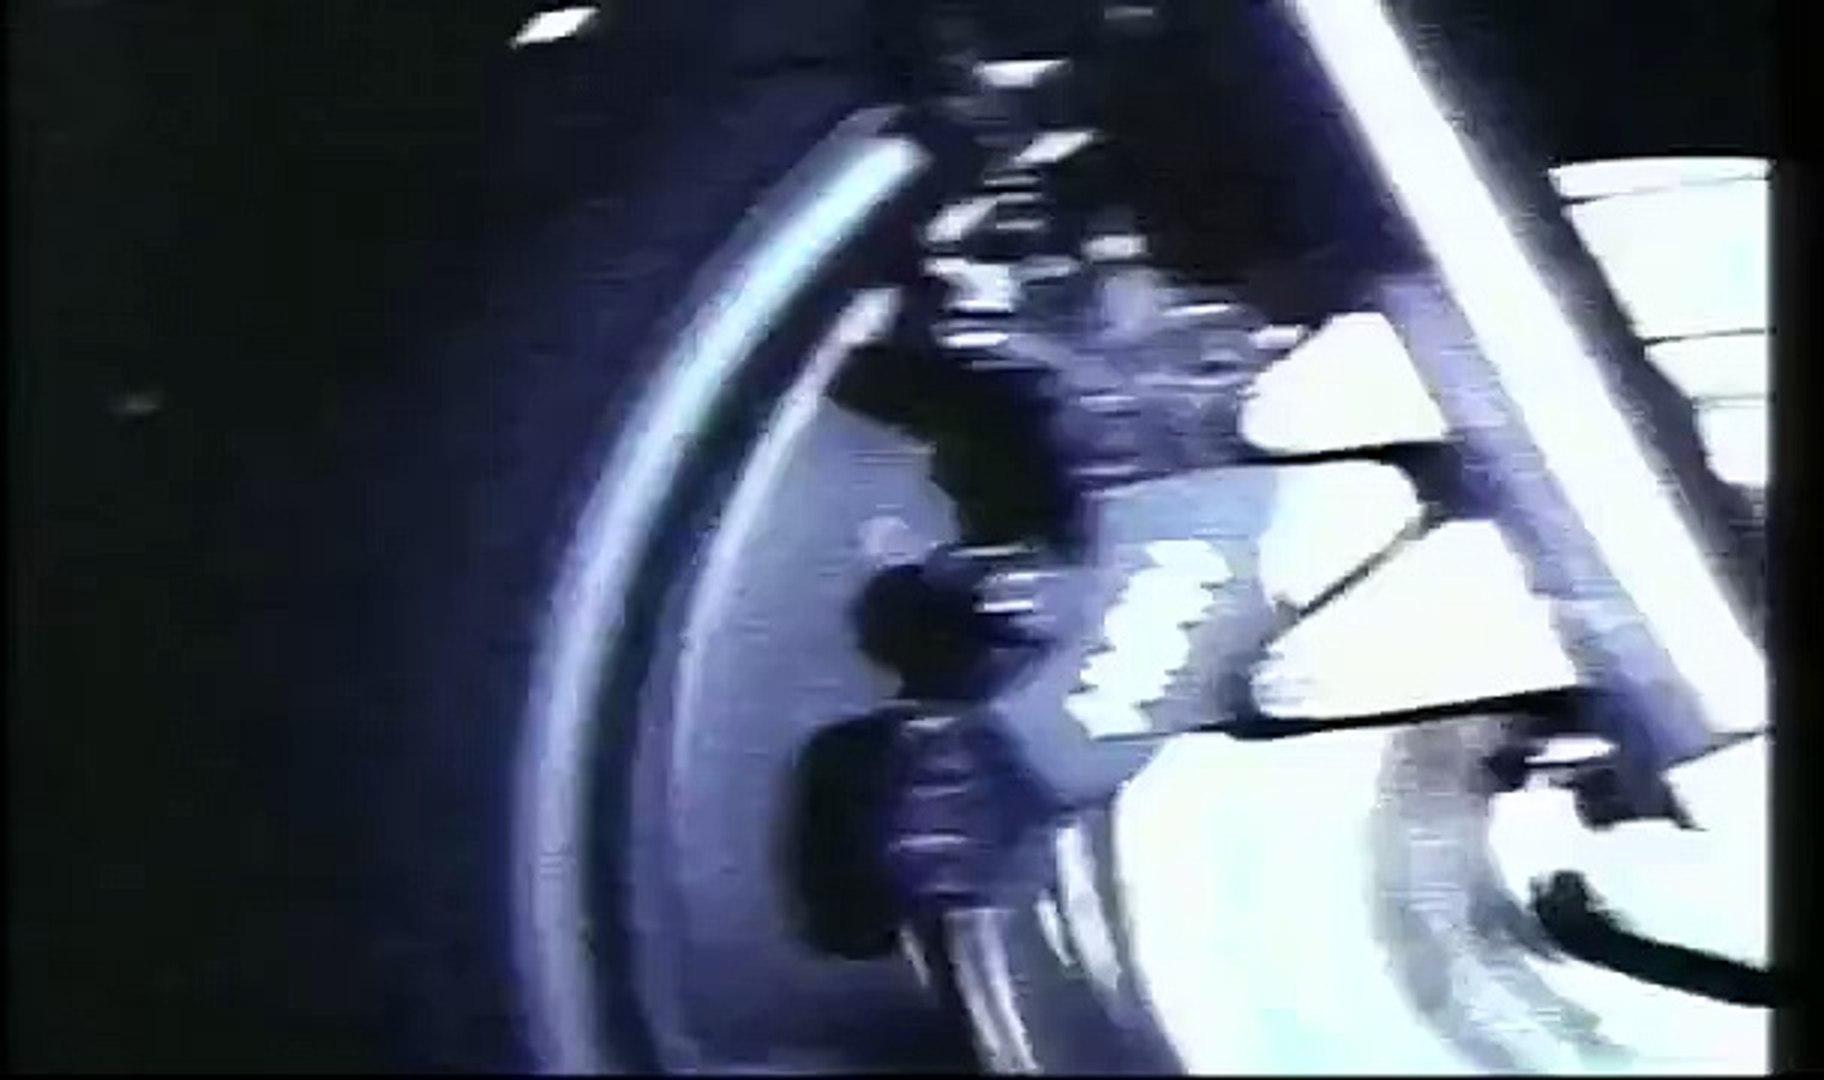 ホンダ CB1000F (1993年式) プロモーションビデオ (HONDA CB1000F 1993 PV)